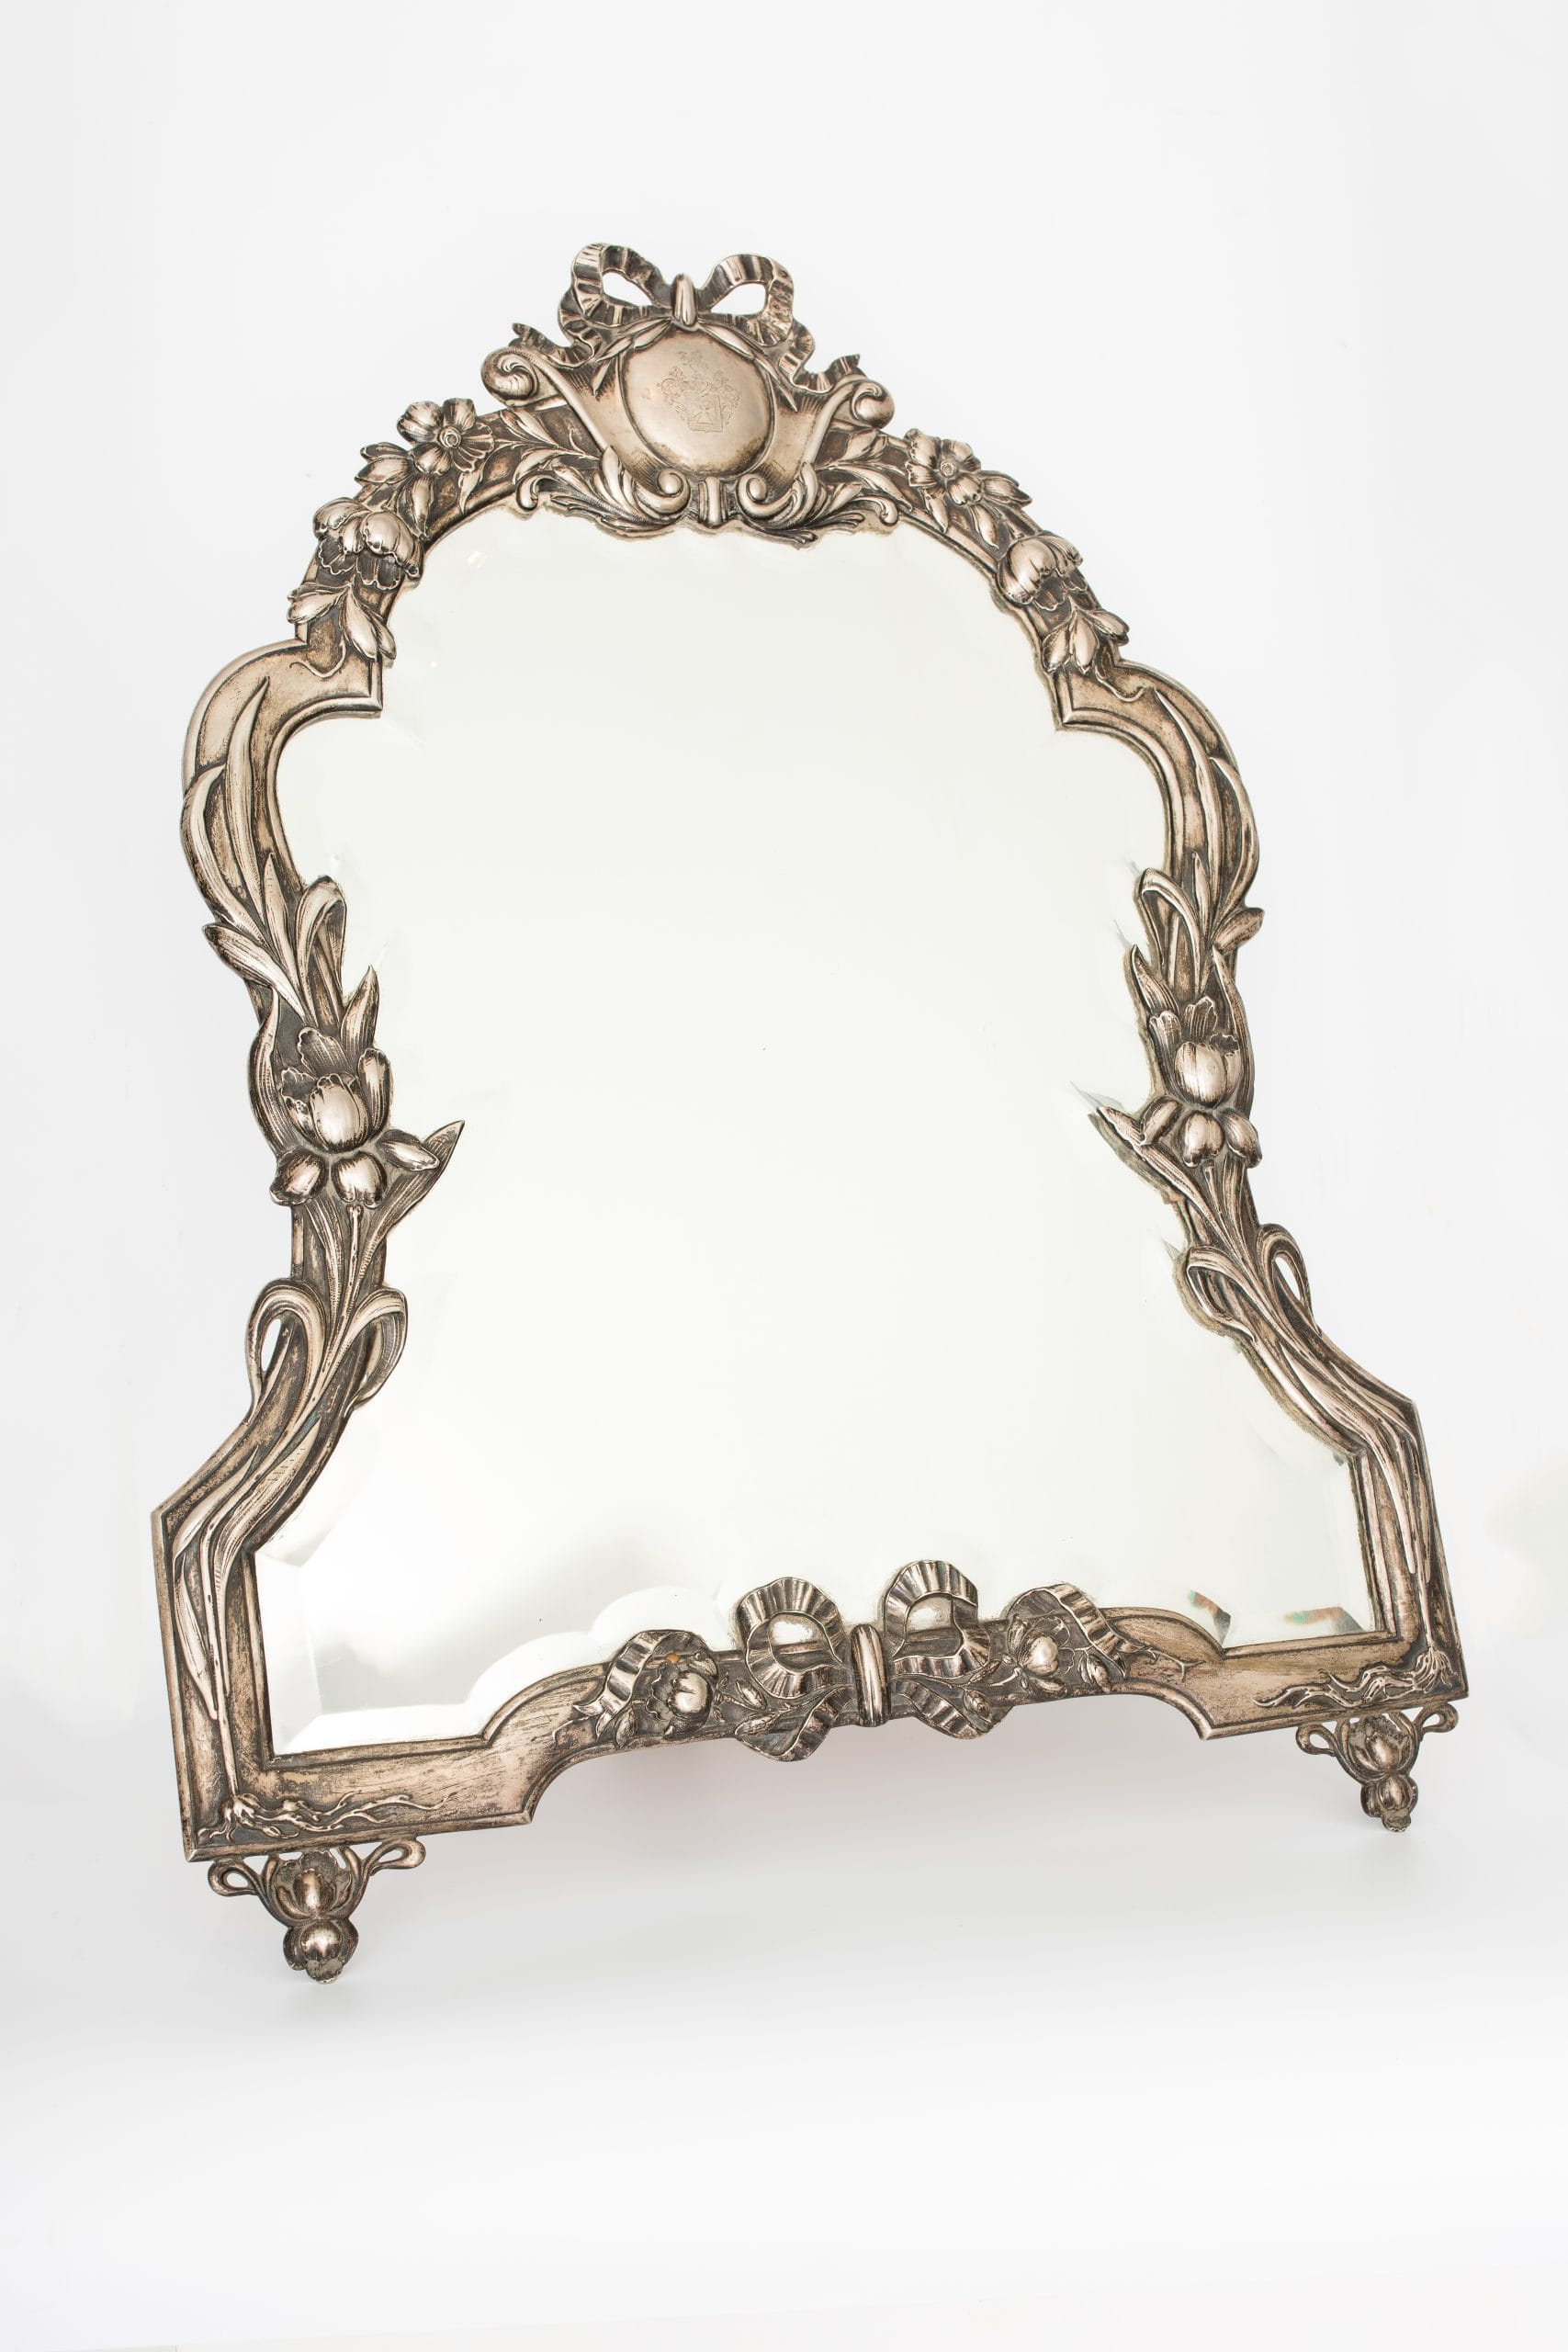 Szalagos díszítésű medalionos ezüst tükör